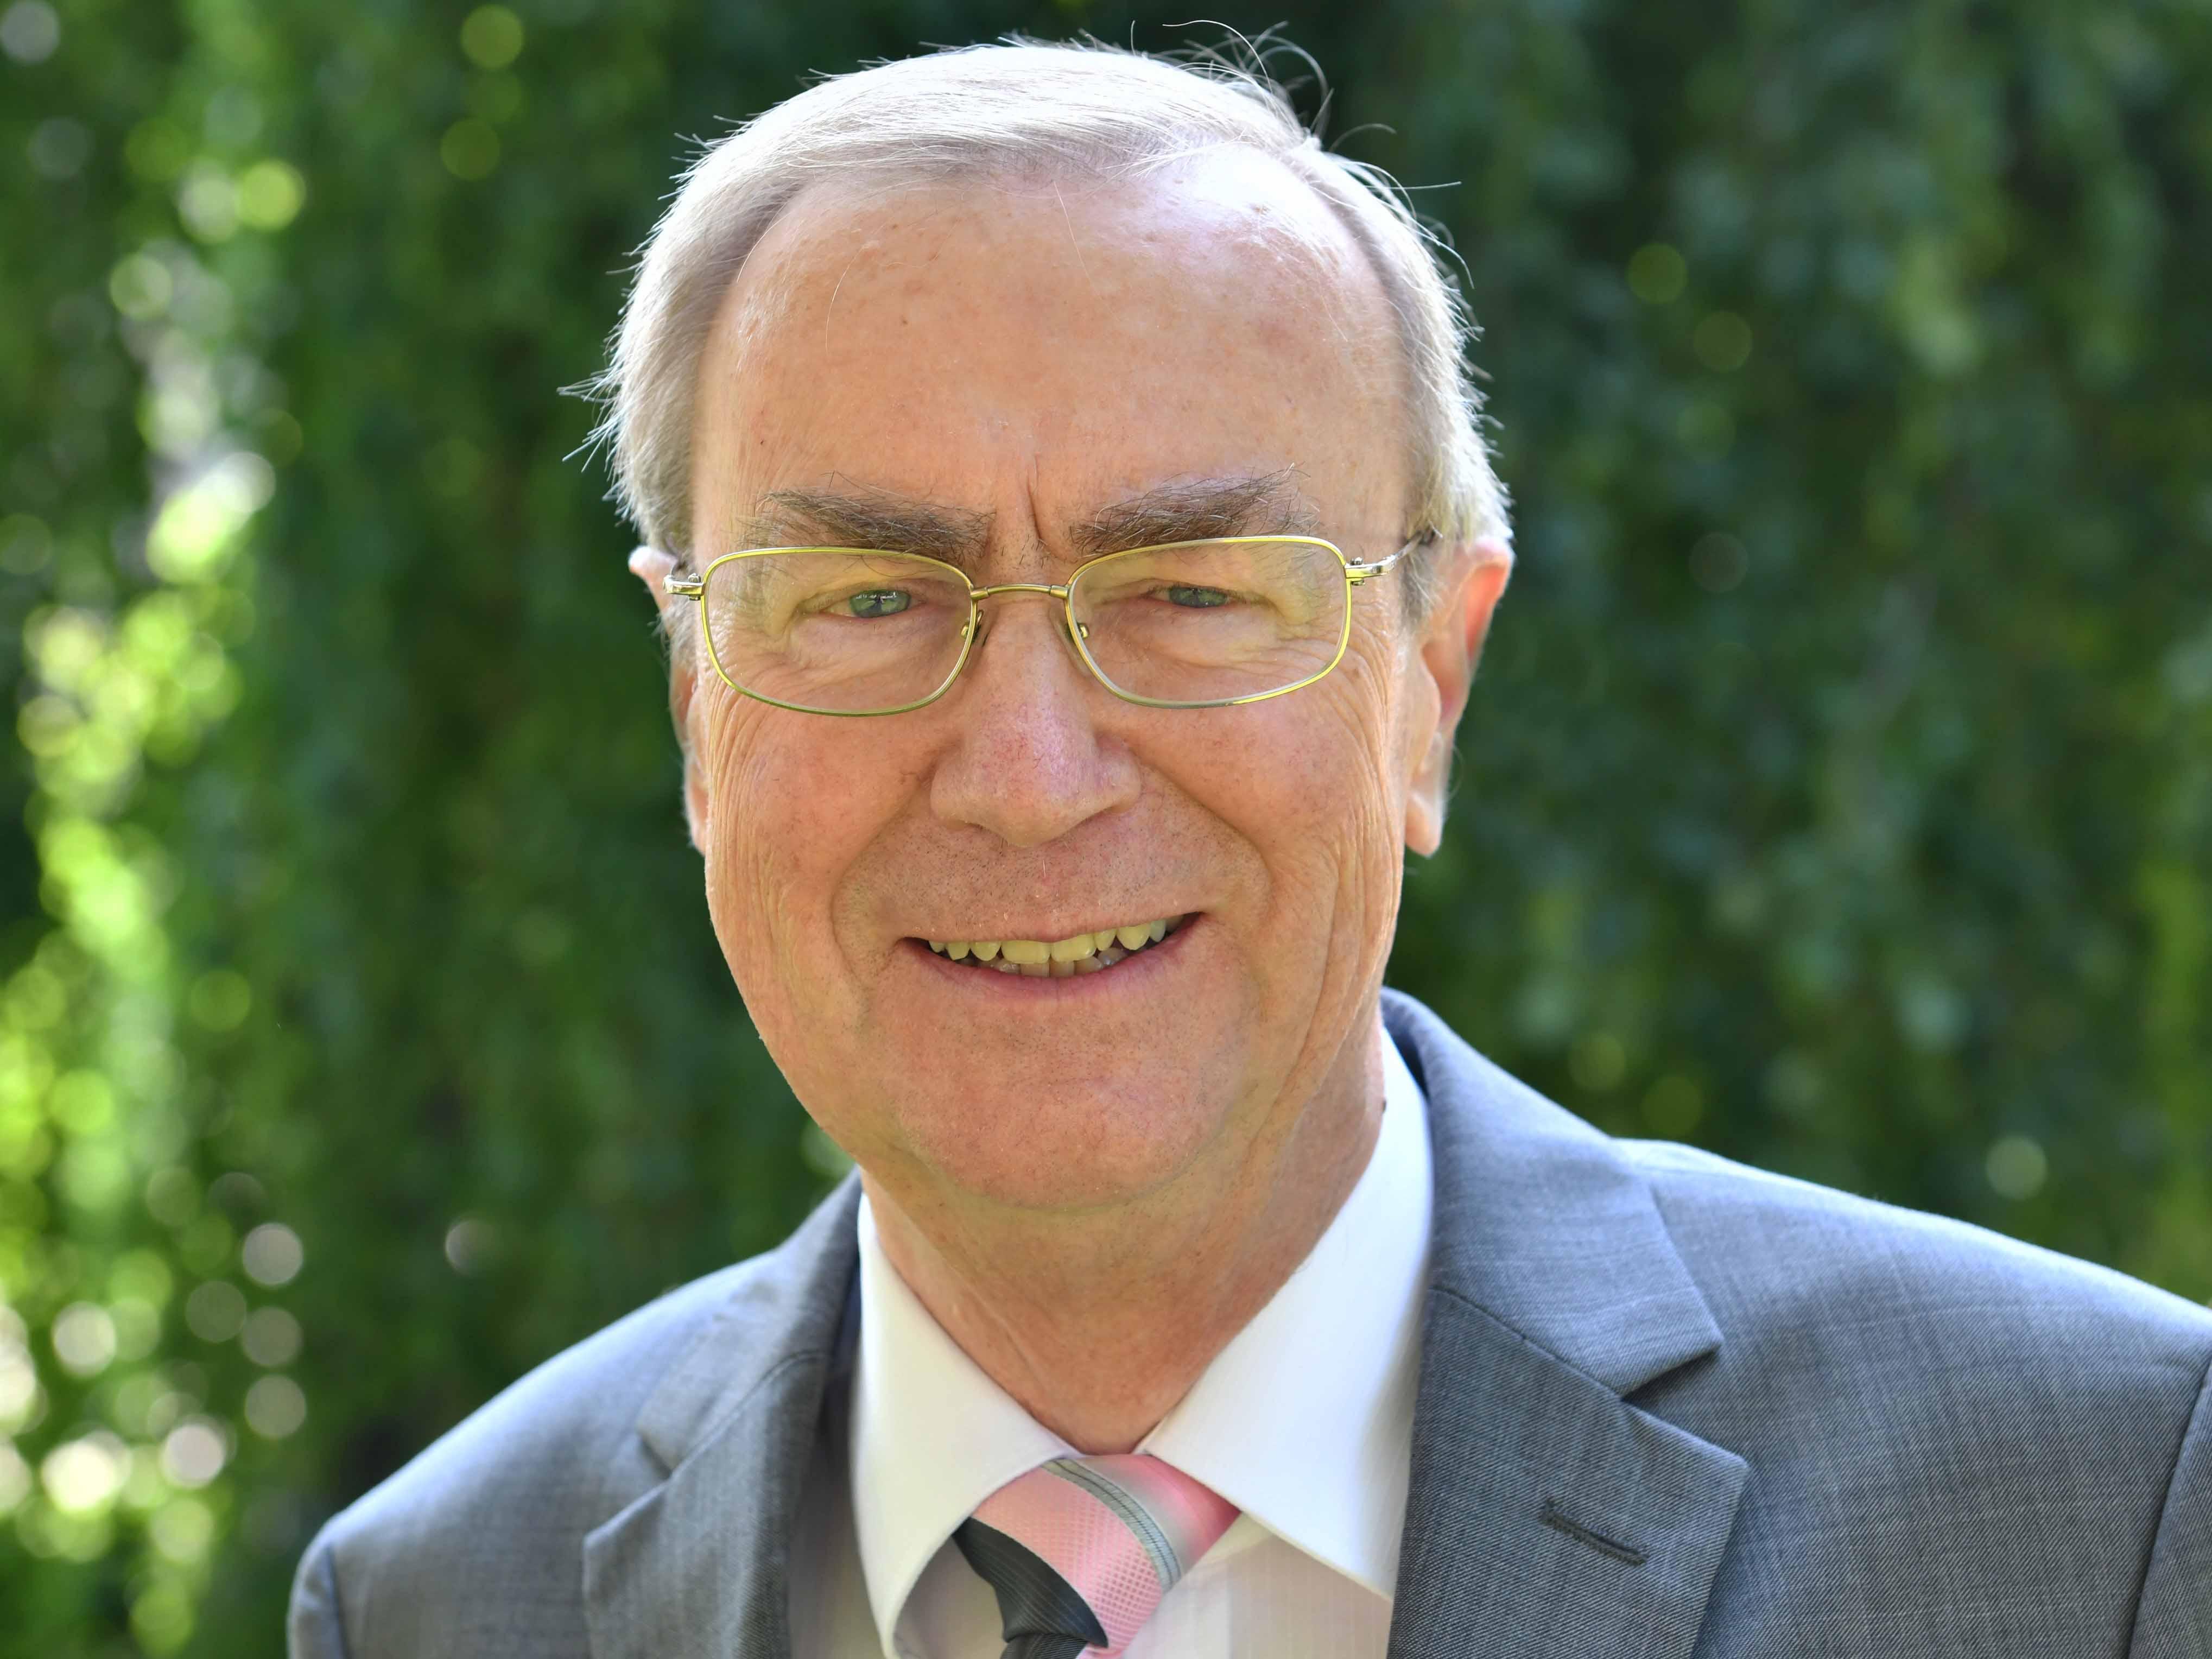 Richter i.R. Michael Triebs, externe Ansprechperson der Diözese Augsburg für Hinweise auf sexuellen Missbrauch. (Foto: Daniel Jäckel / pba)